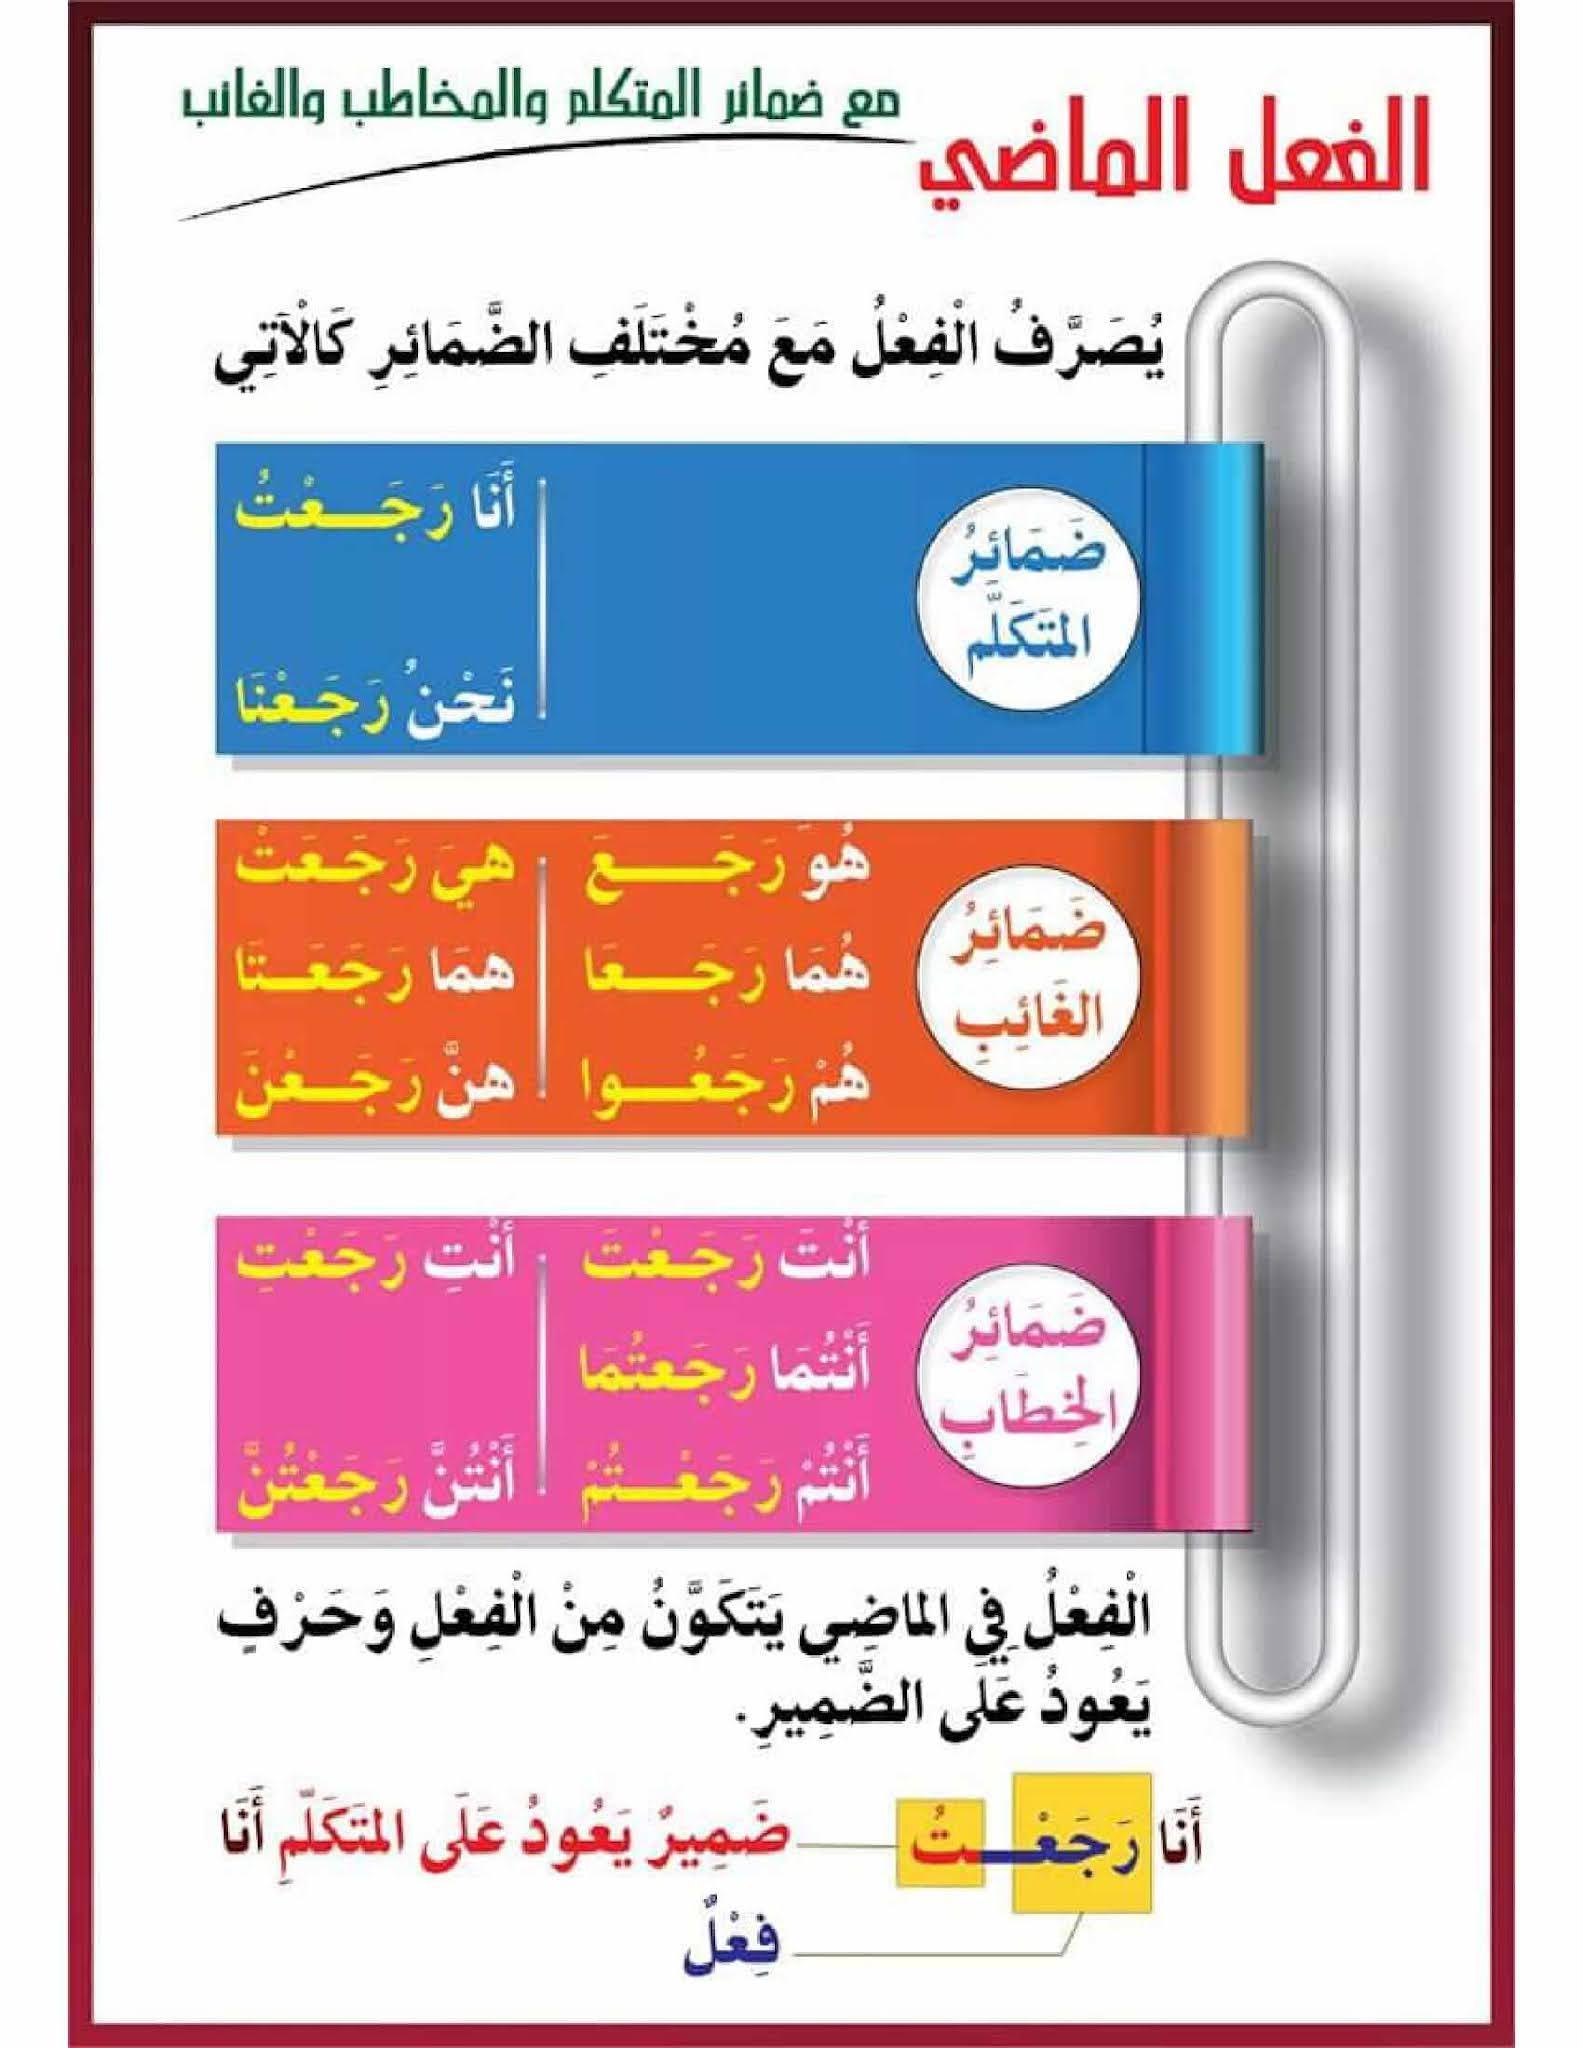 لوحة تعليمية الفعل الماضي مع ضمائر المتكلم و المخاطب و الغائب pdf